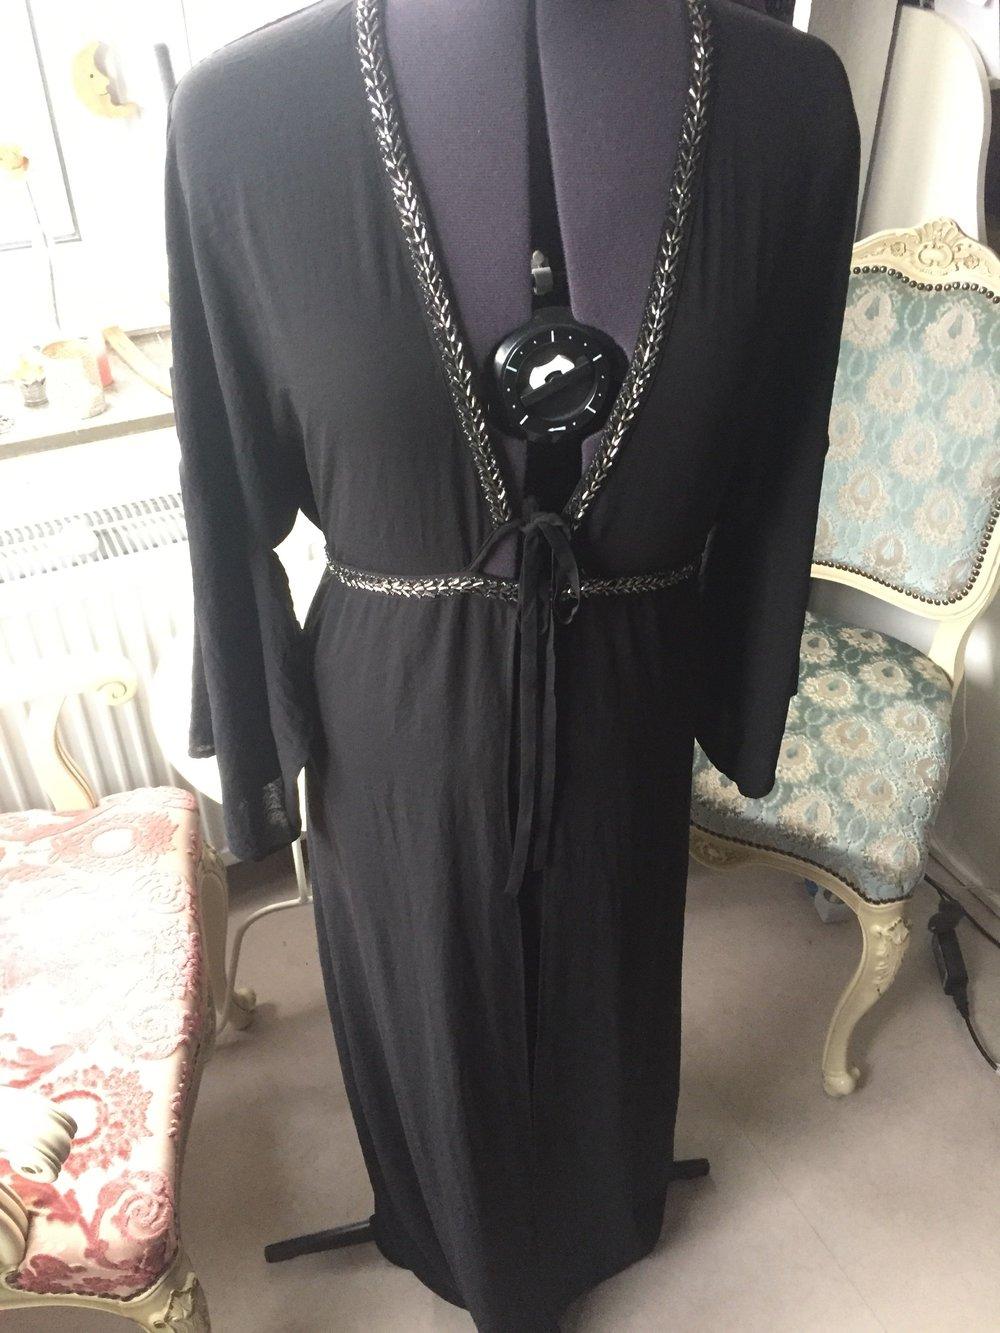 Schwarzes kleid mit perlen und ruckenausschnitt